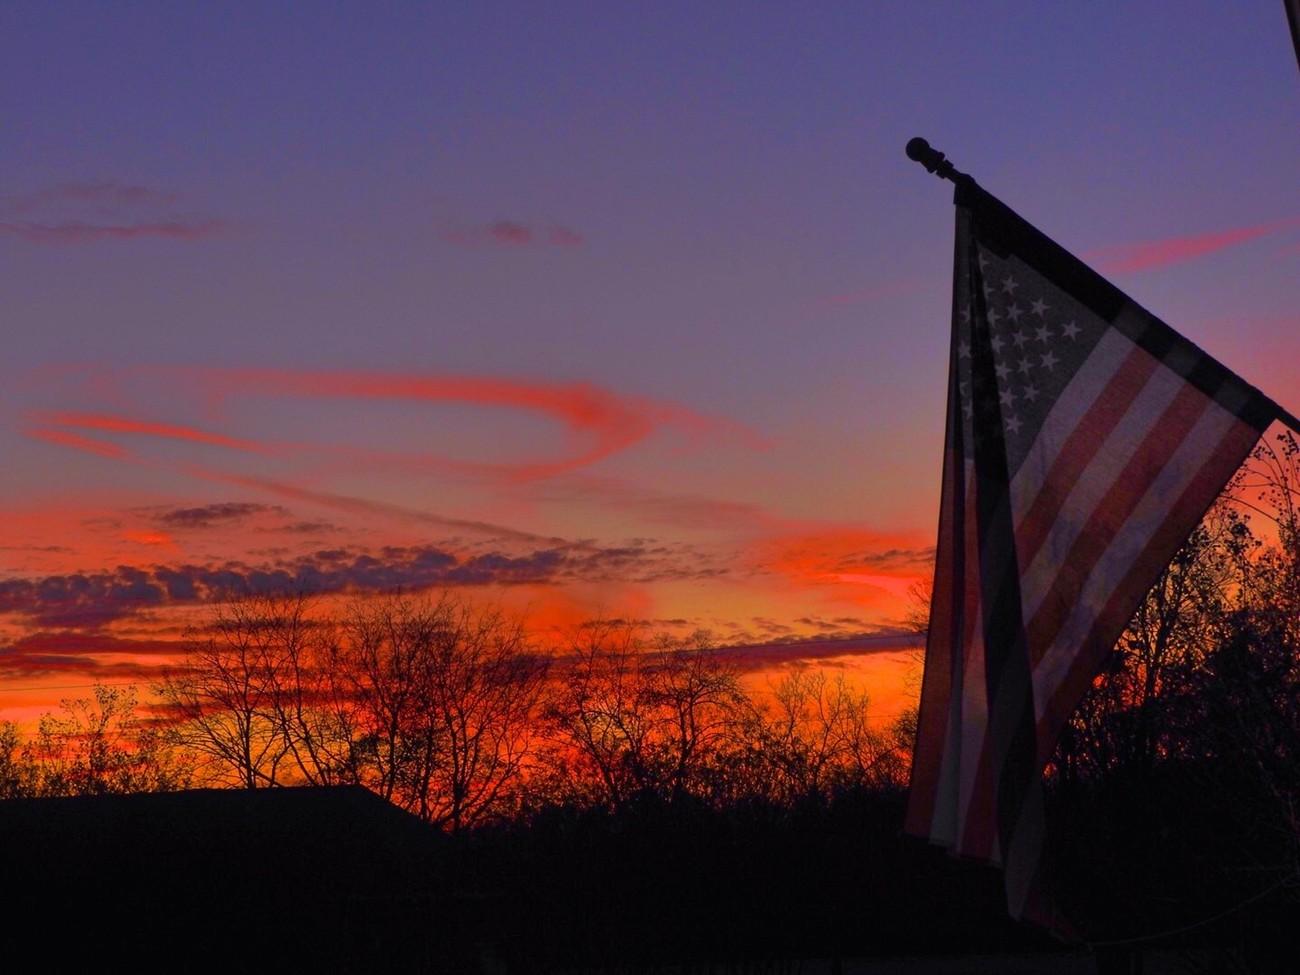 Sunset in November